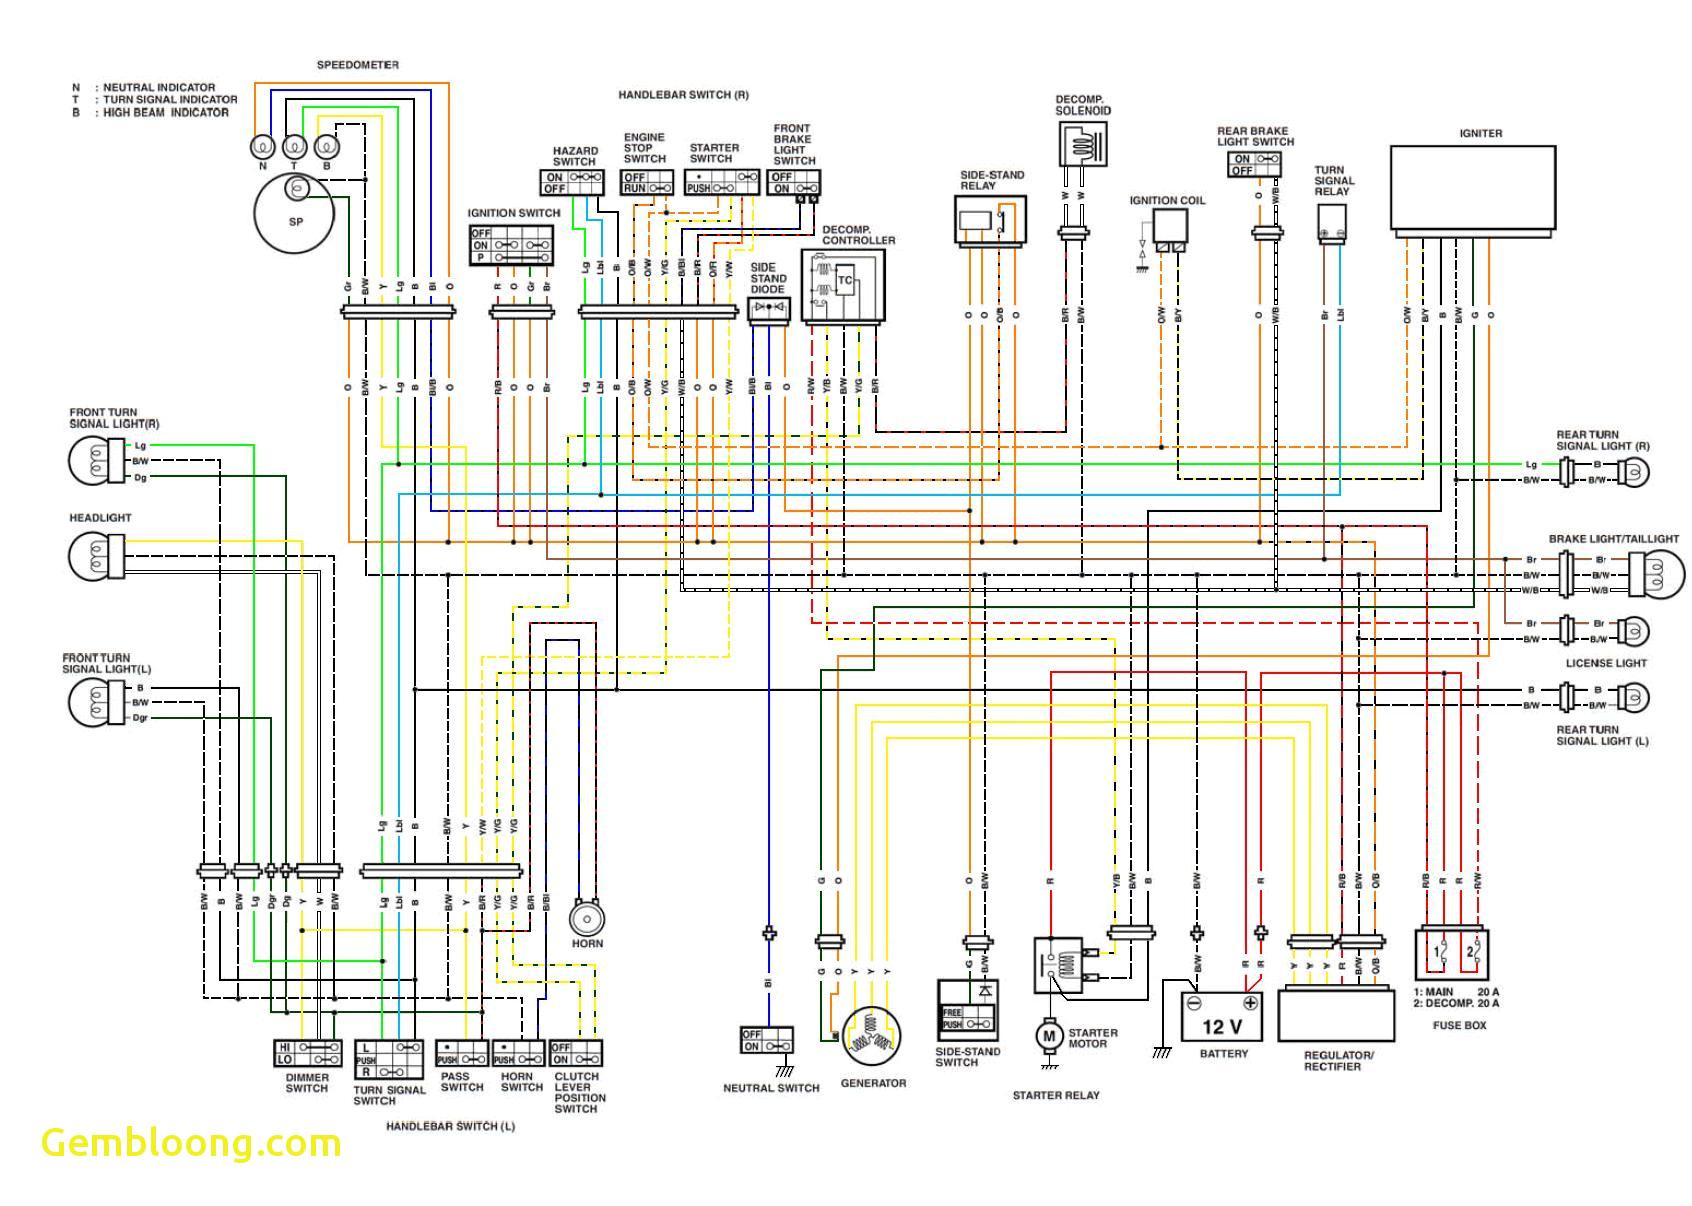 suzuki burgman wiring diagram wiring diagram view2012 suzuki burgman wiring diagram wiring diagram article 2003 suzuki